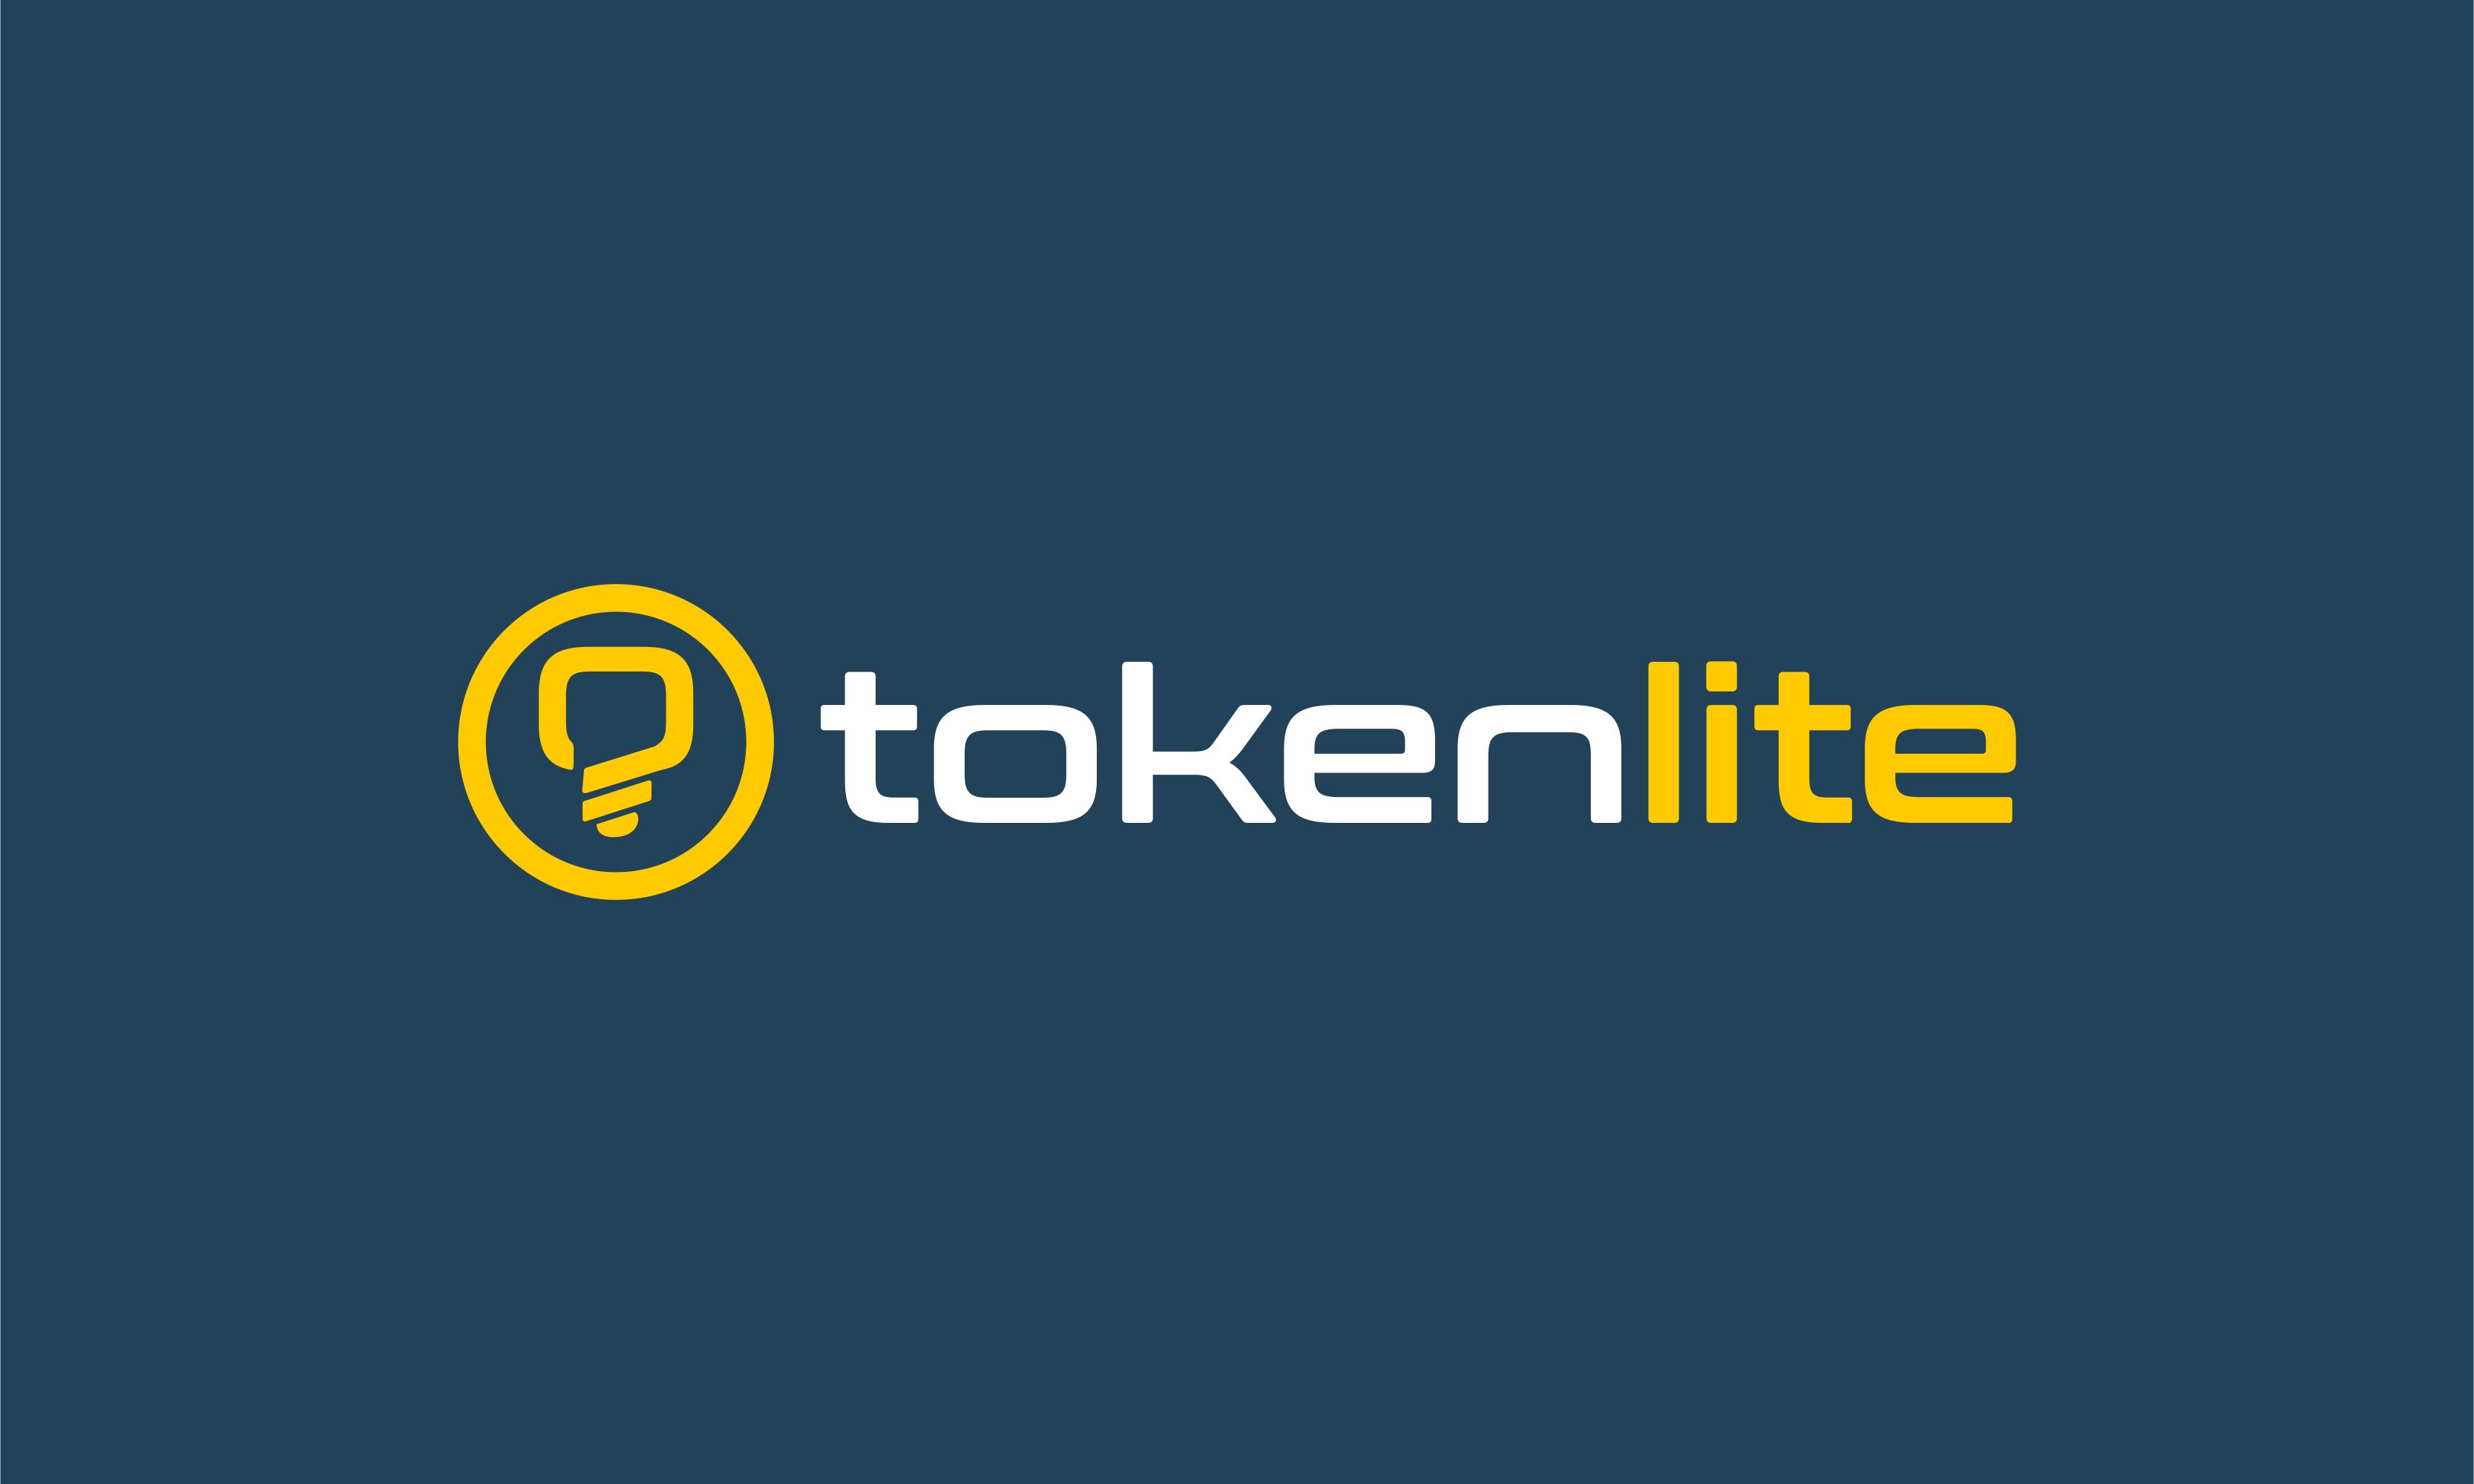 TokenLite